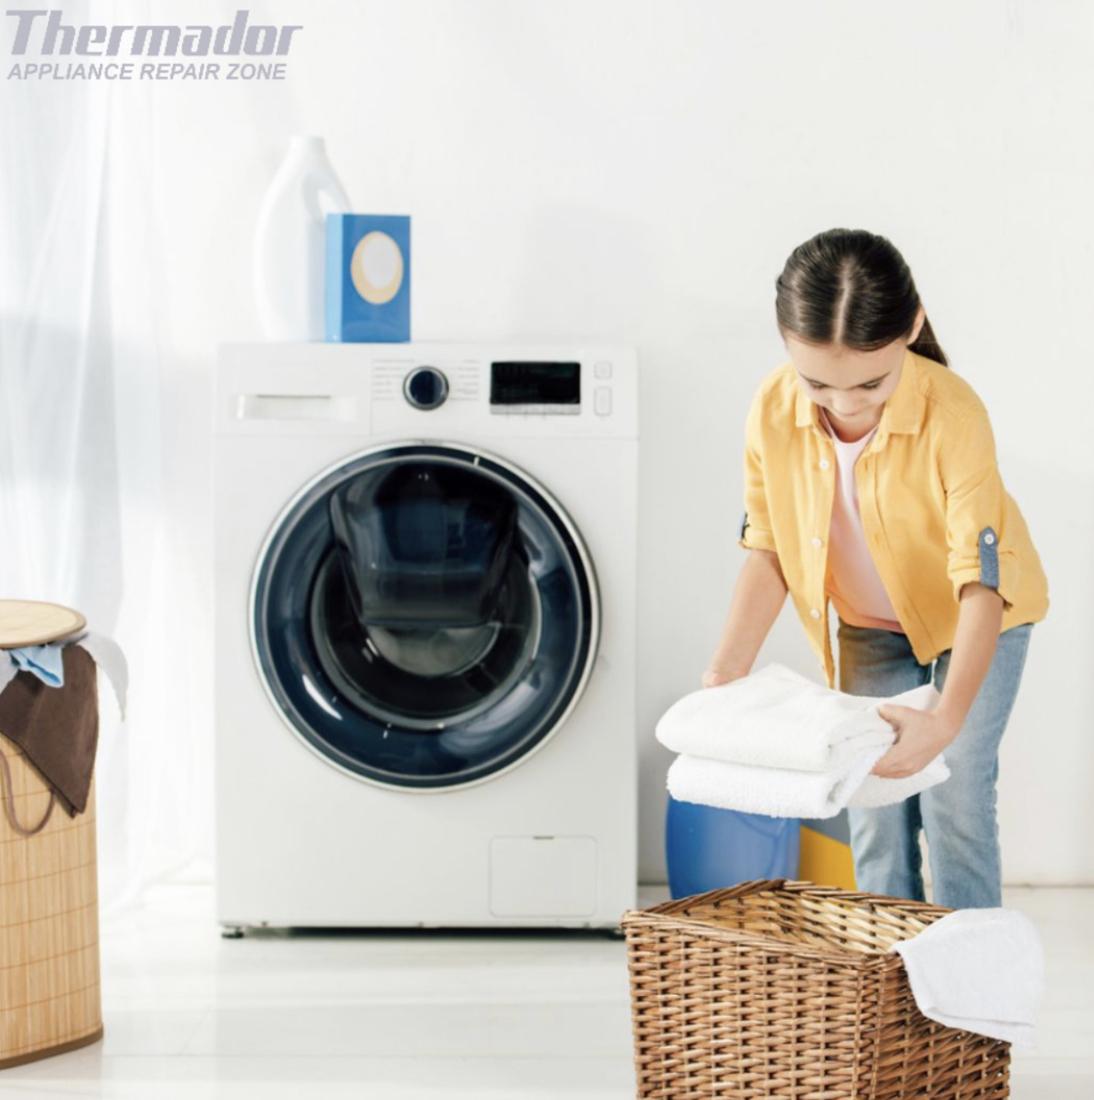 thermador dryer repair - Thermador Appliance Repair Ottawa